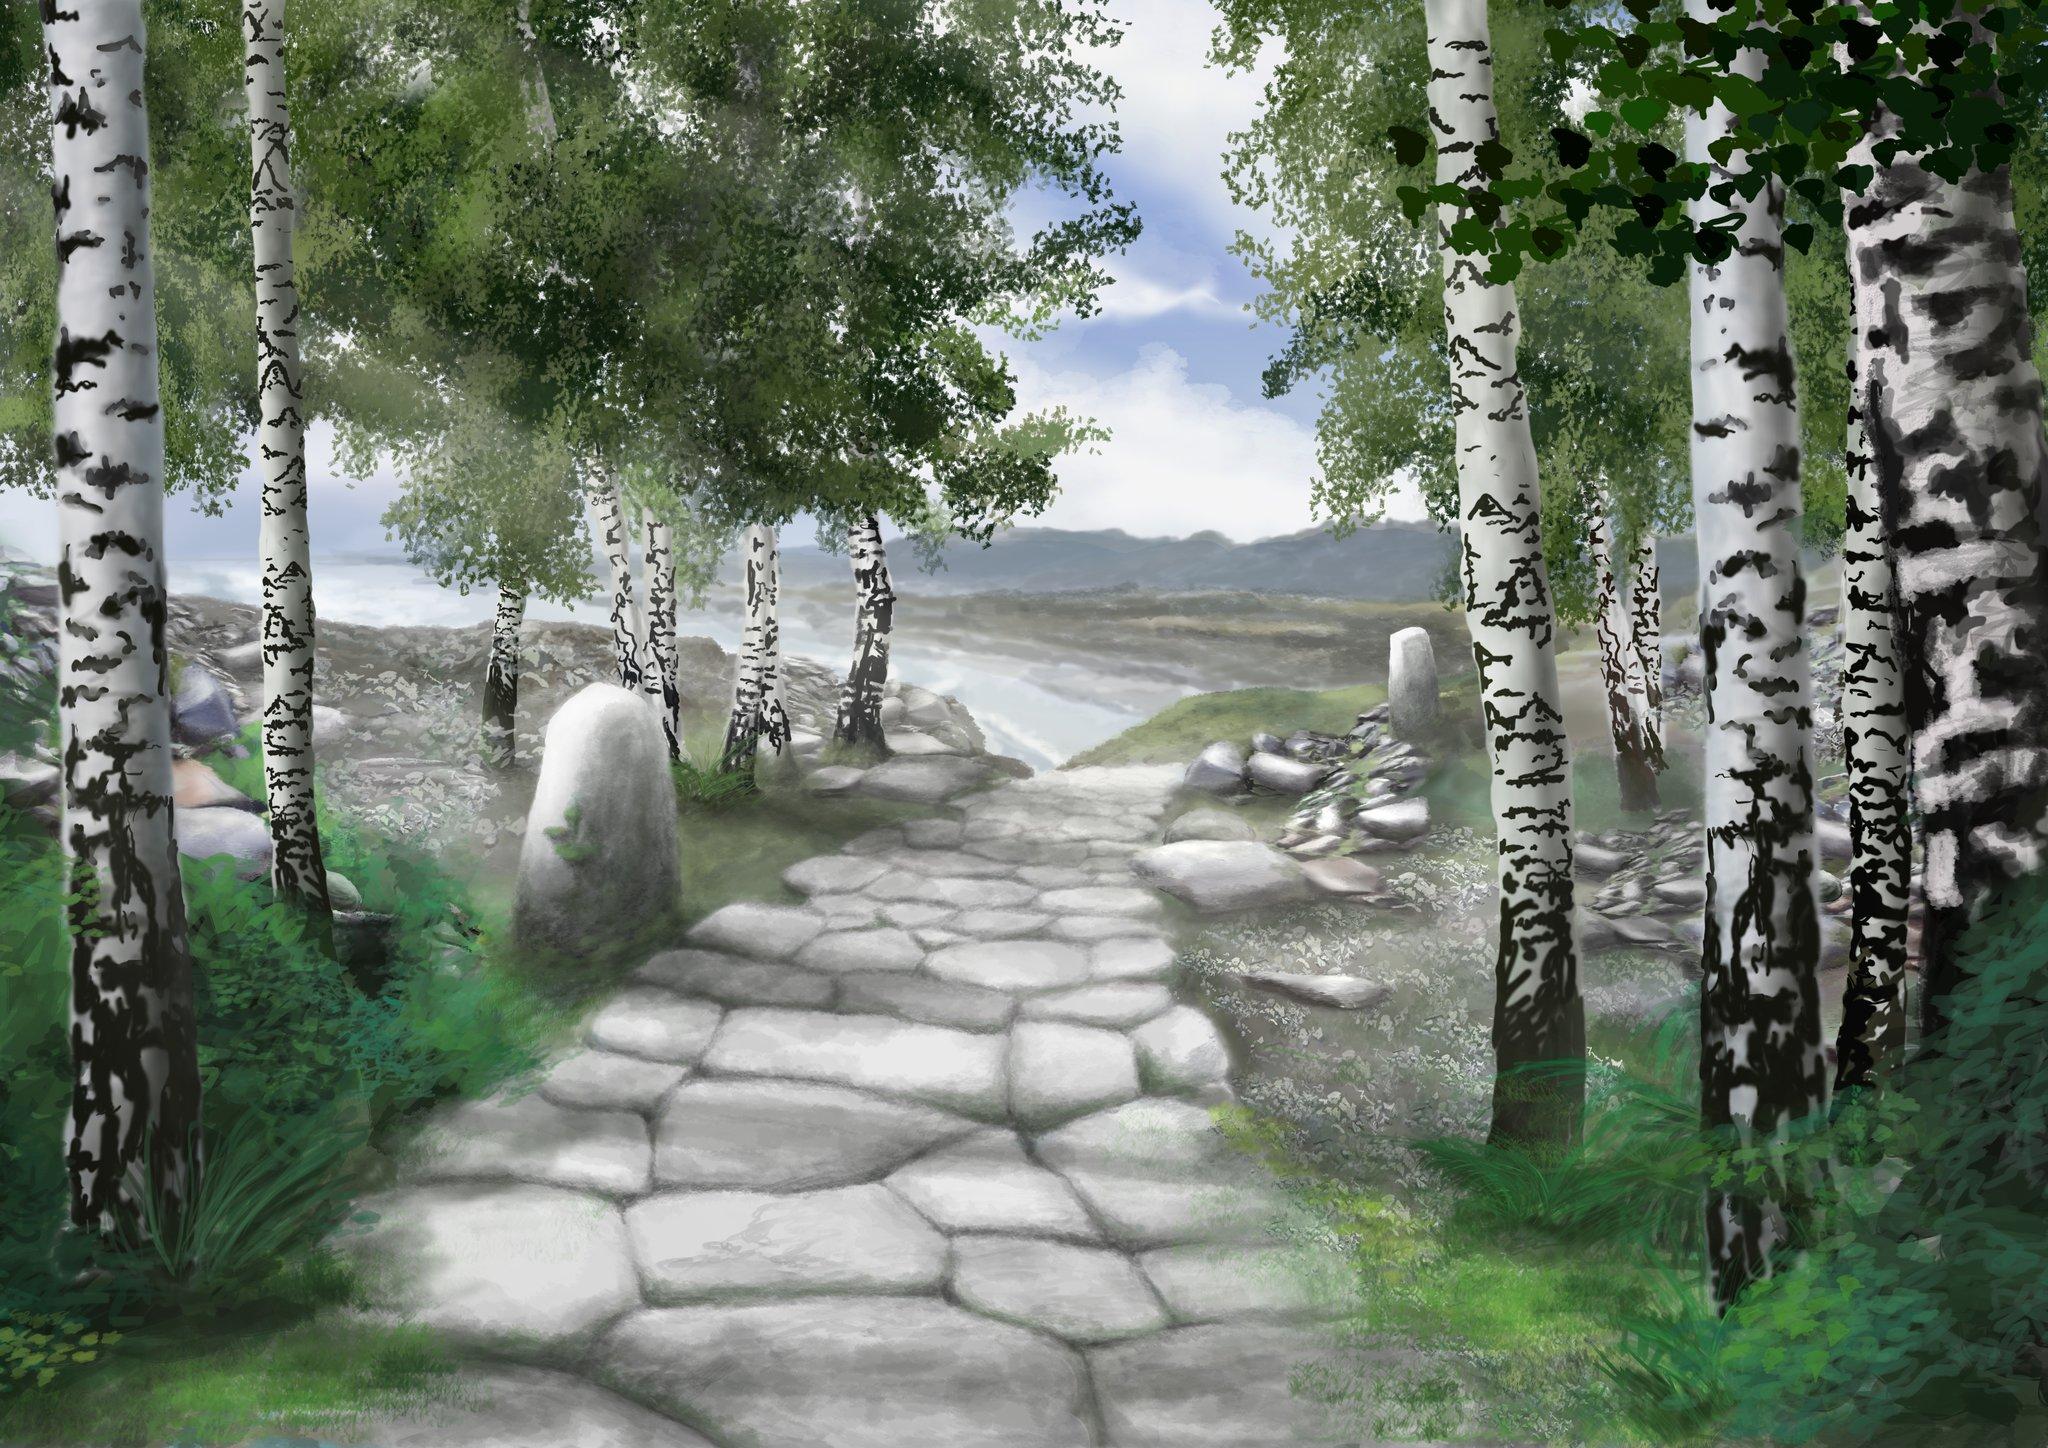 obraz przedstawia kamienną drogę pośród drzew